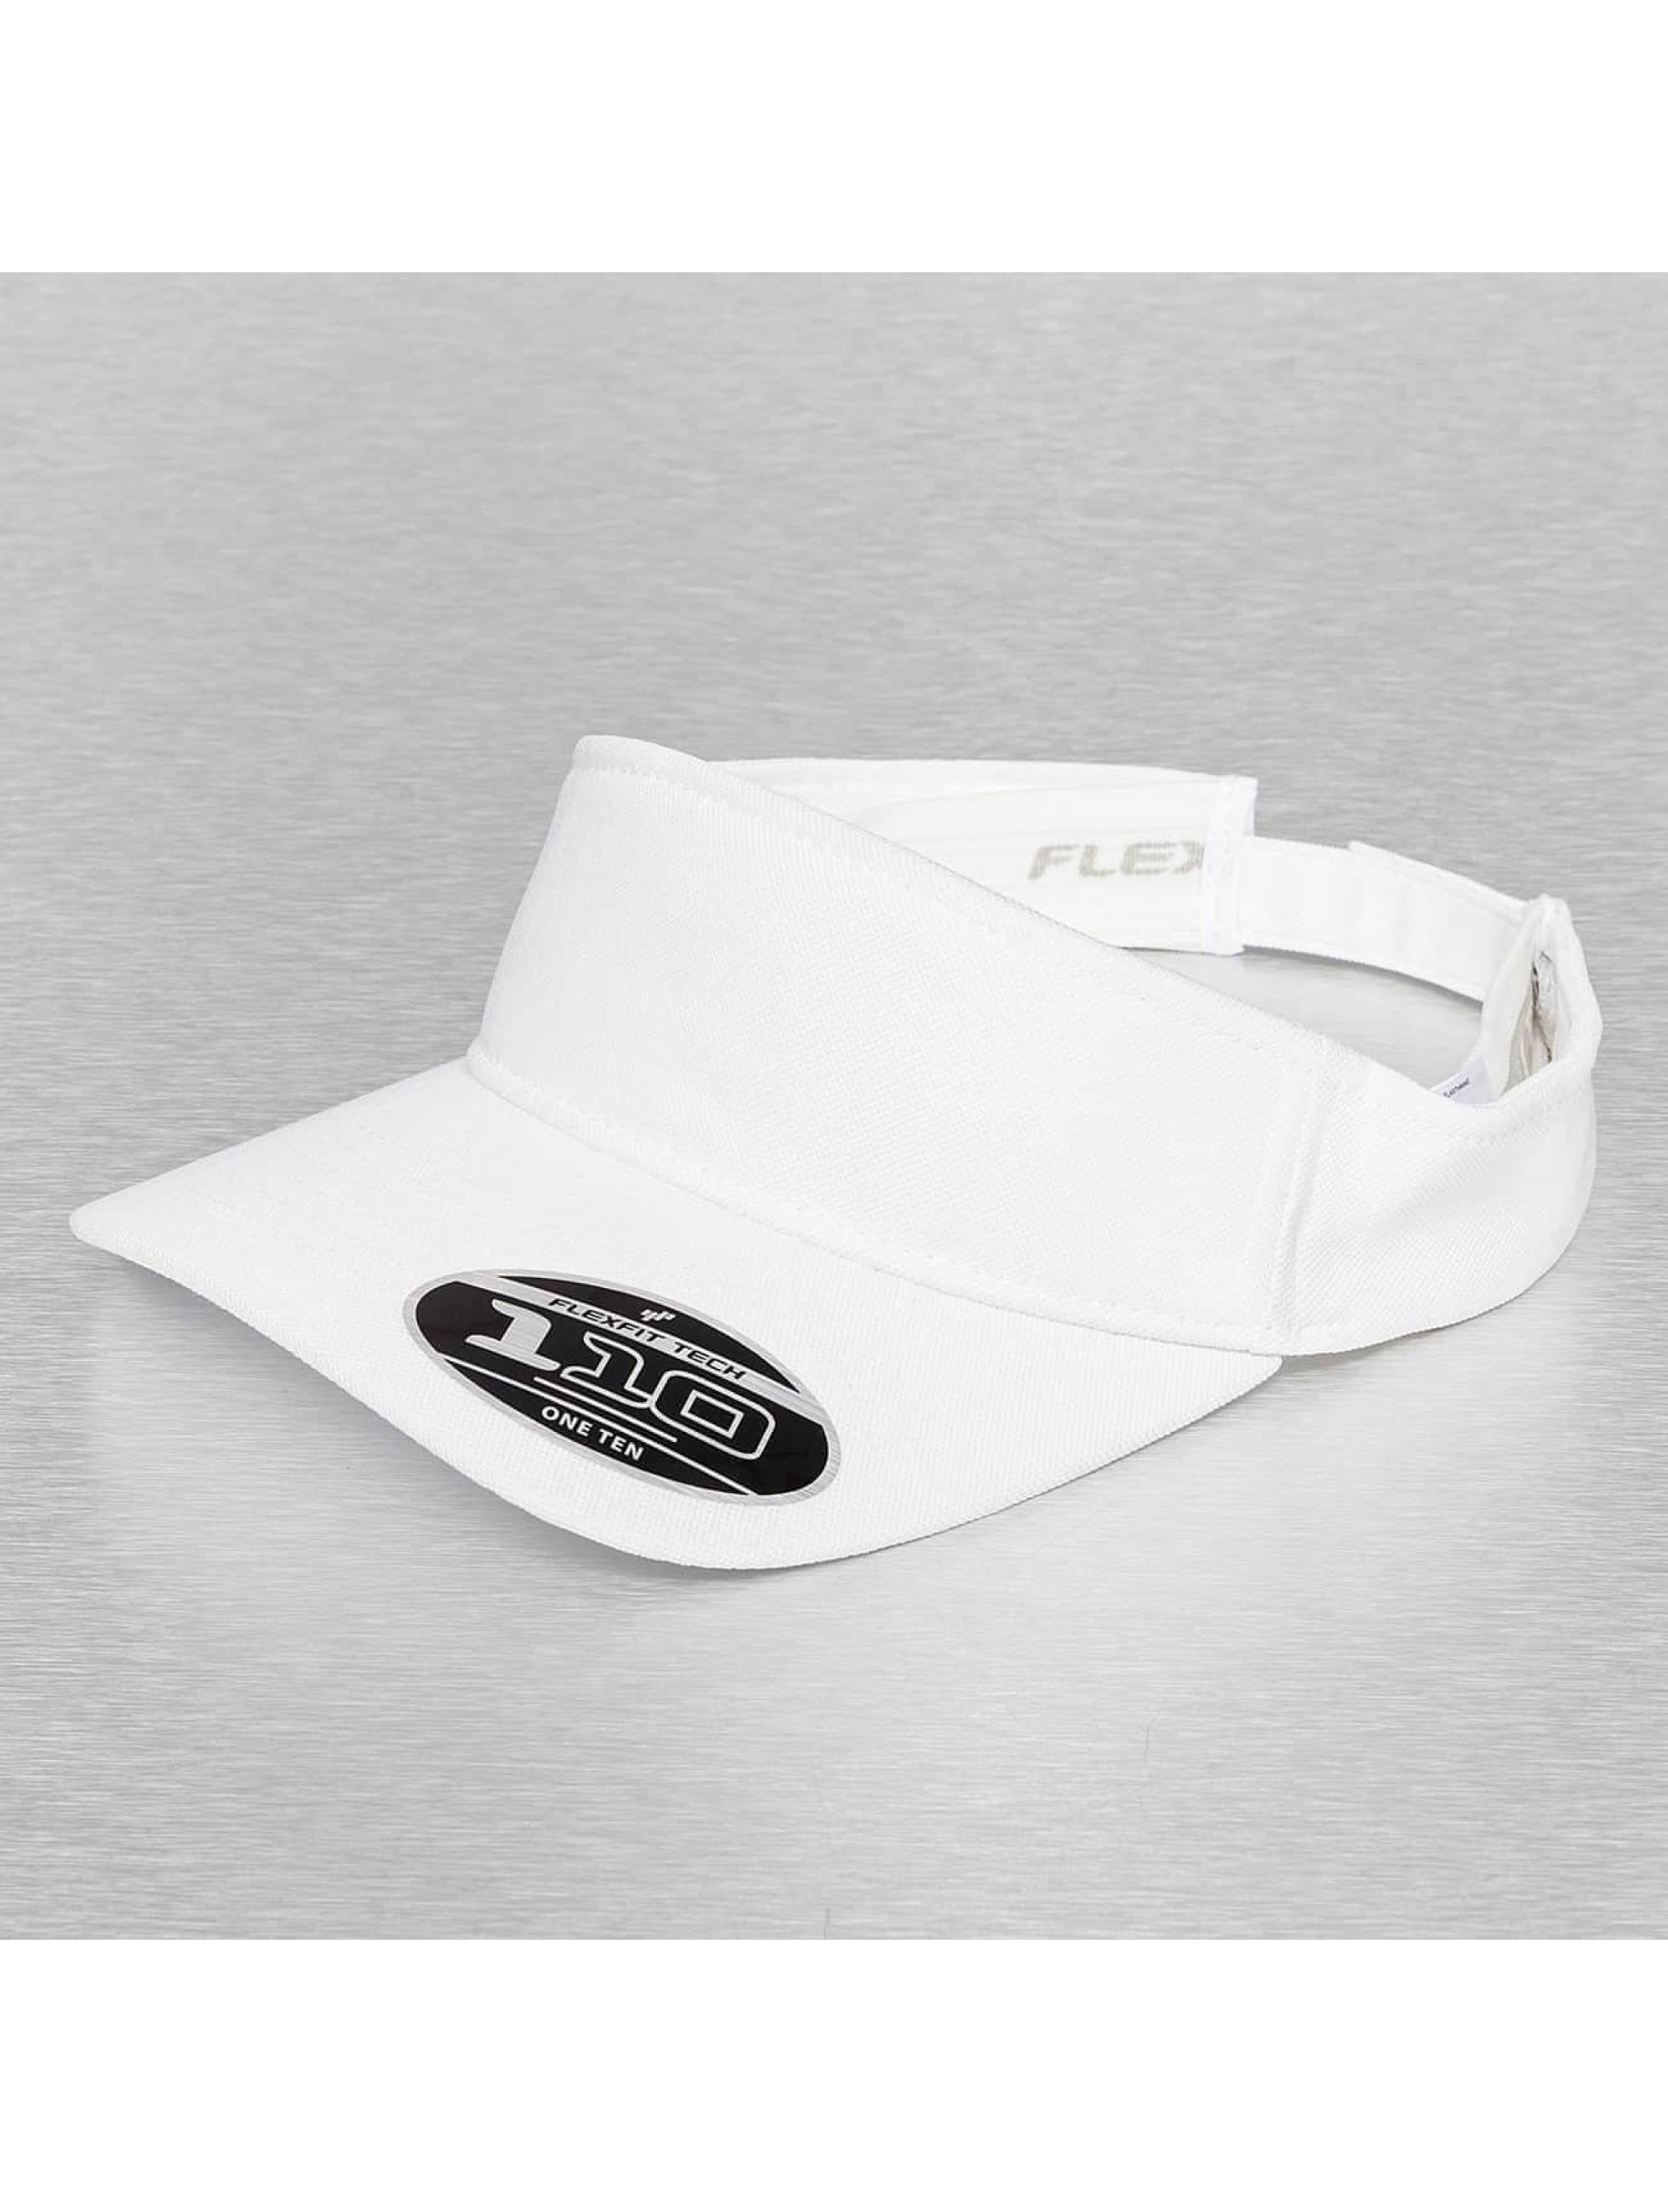 Flexfit Männer,Frauen Snapback Cap Visor in weiß